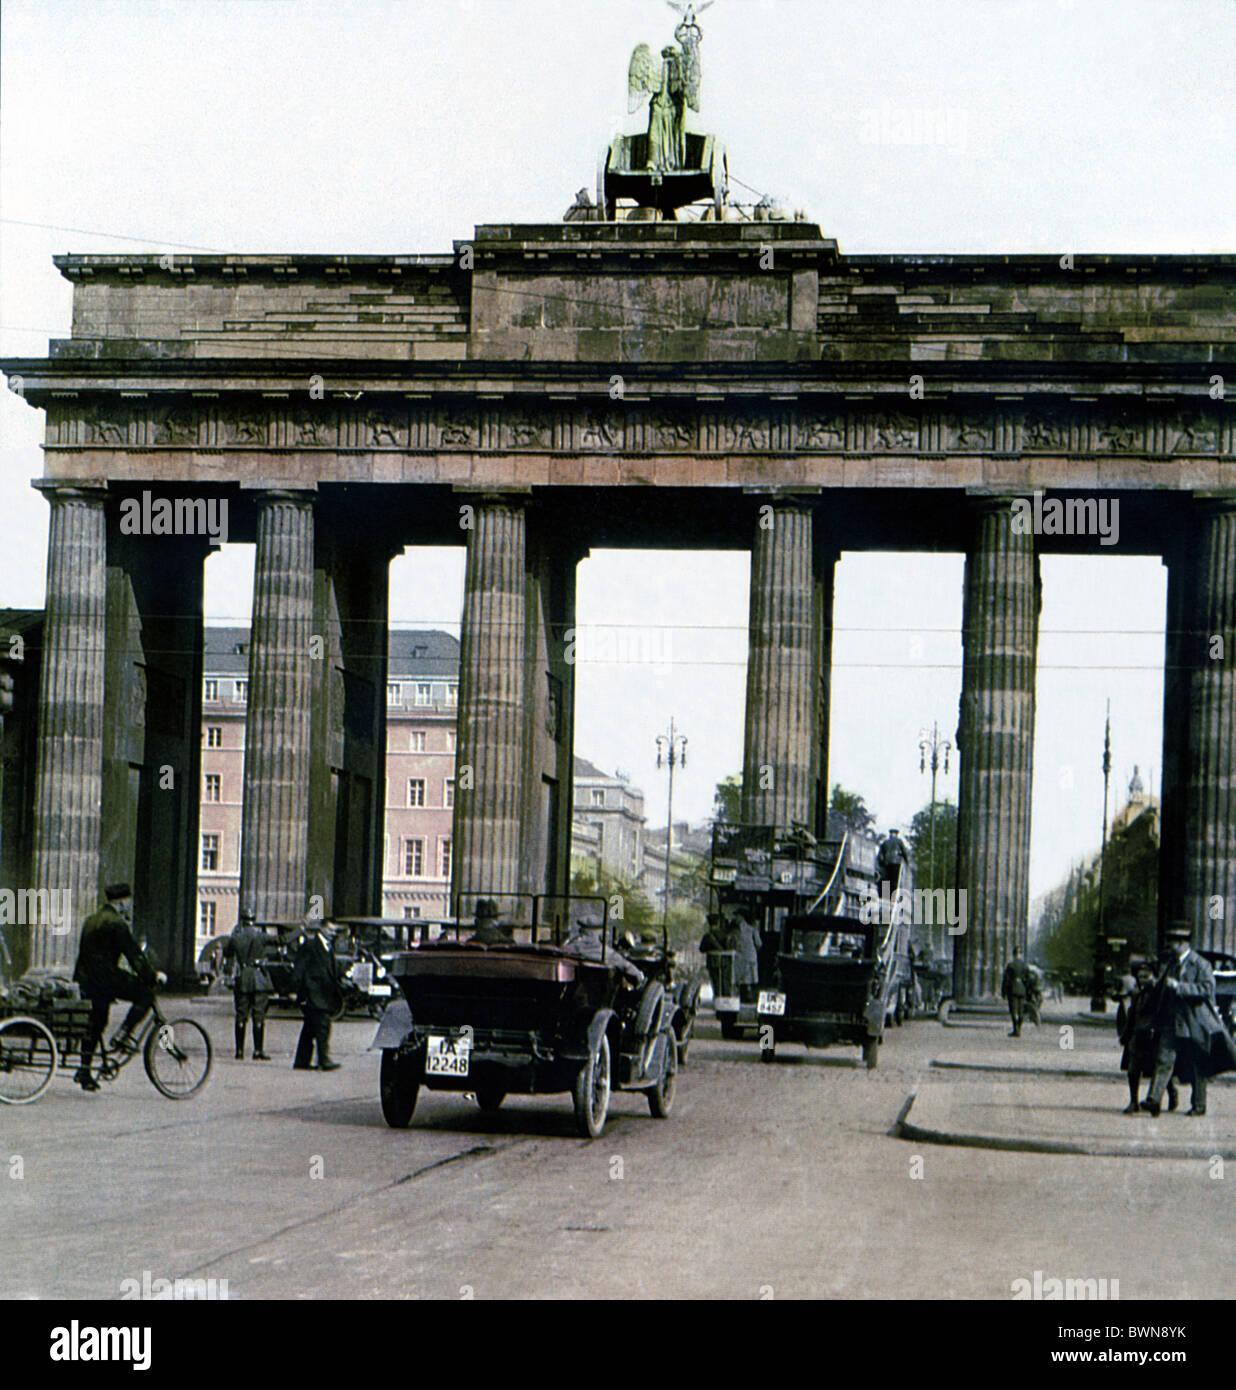 Brandenburger Tor Berlin 1930 storia storica città storica il traffico di persone landmark Porta di Brandeburgo Immagini Stock